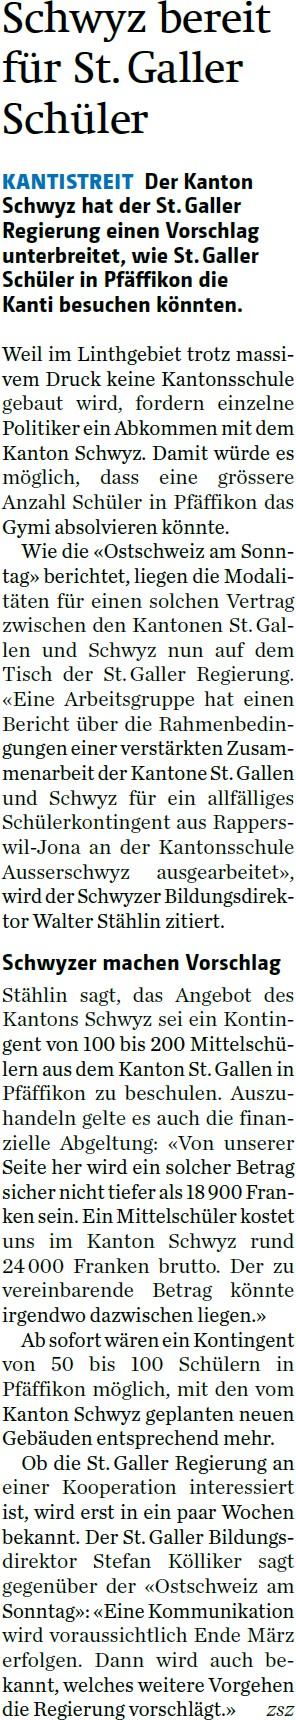 Schwyz bereit für St. Galler Schüler (Montag, 09.02.2015)